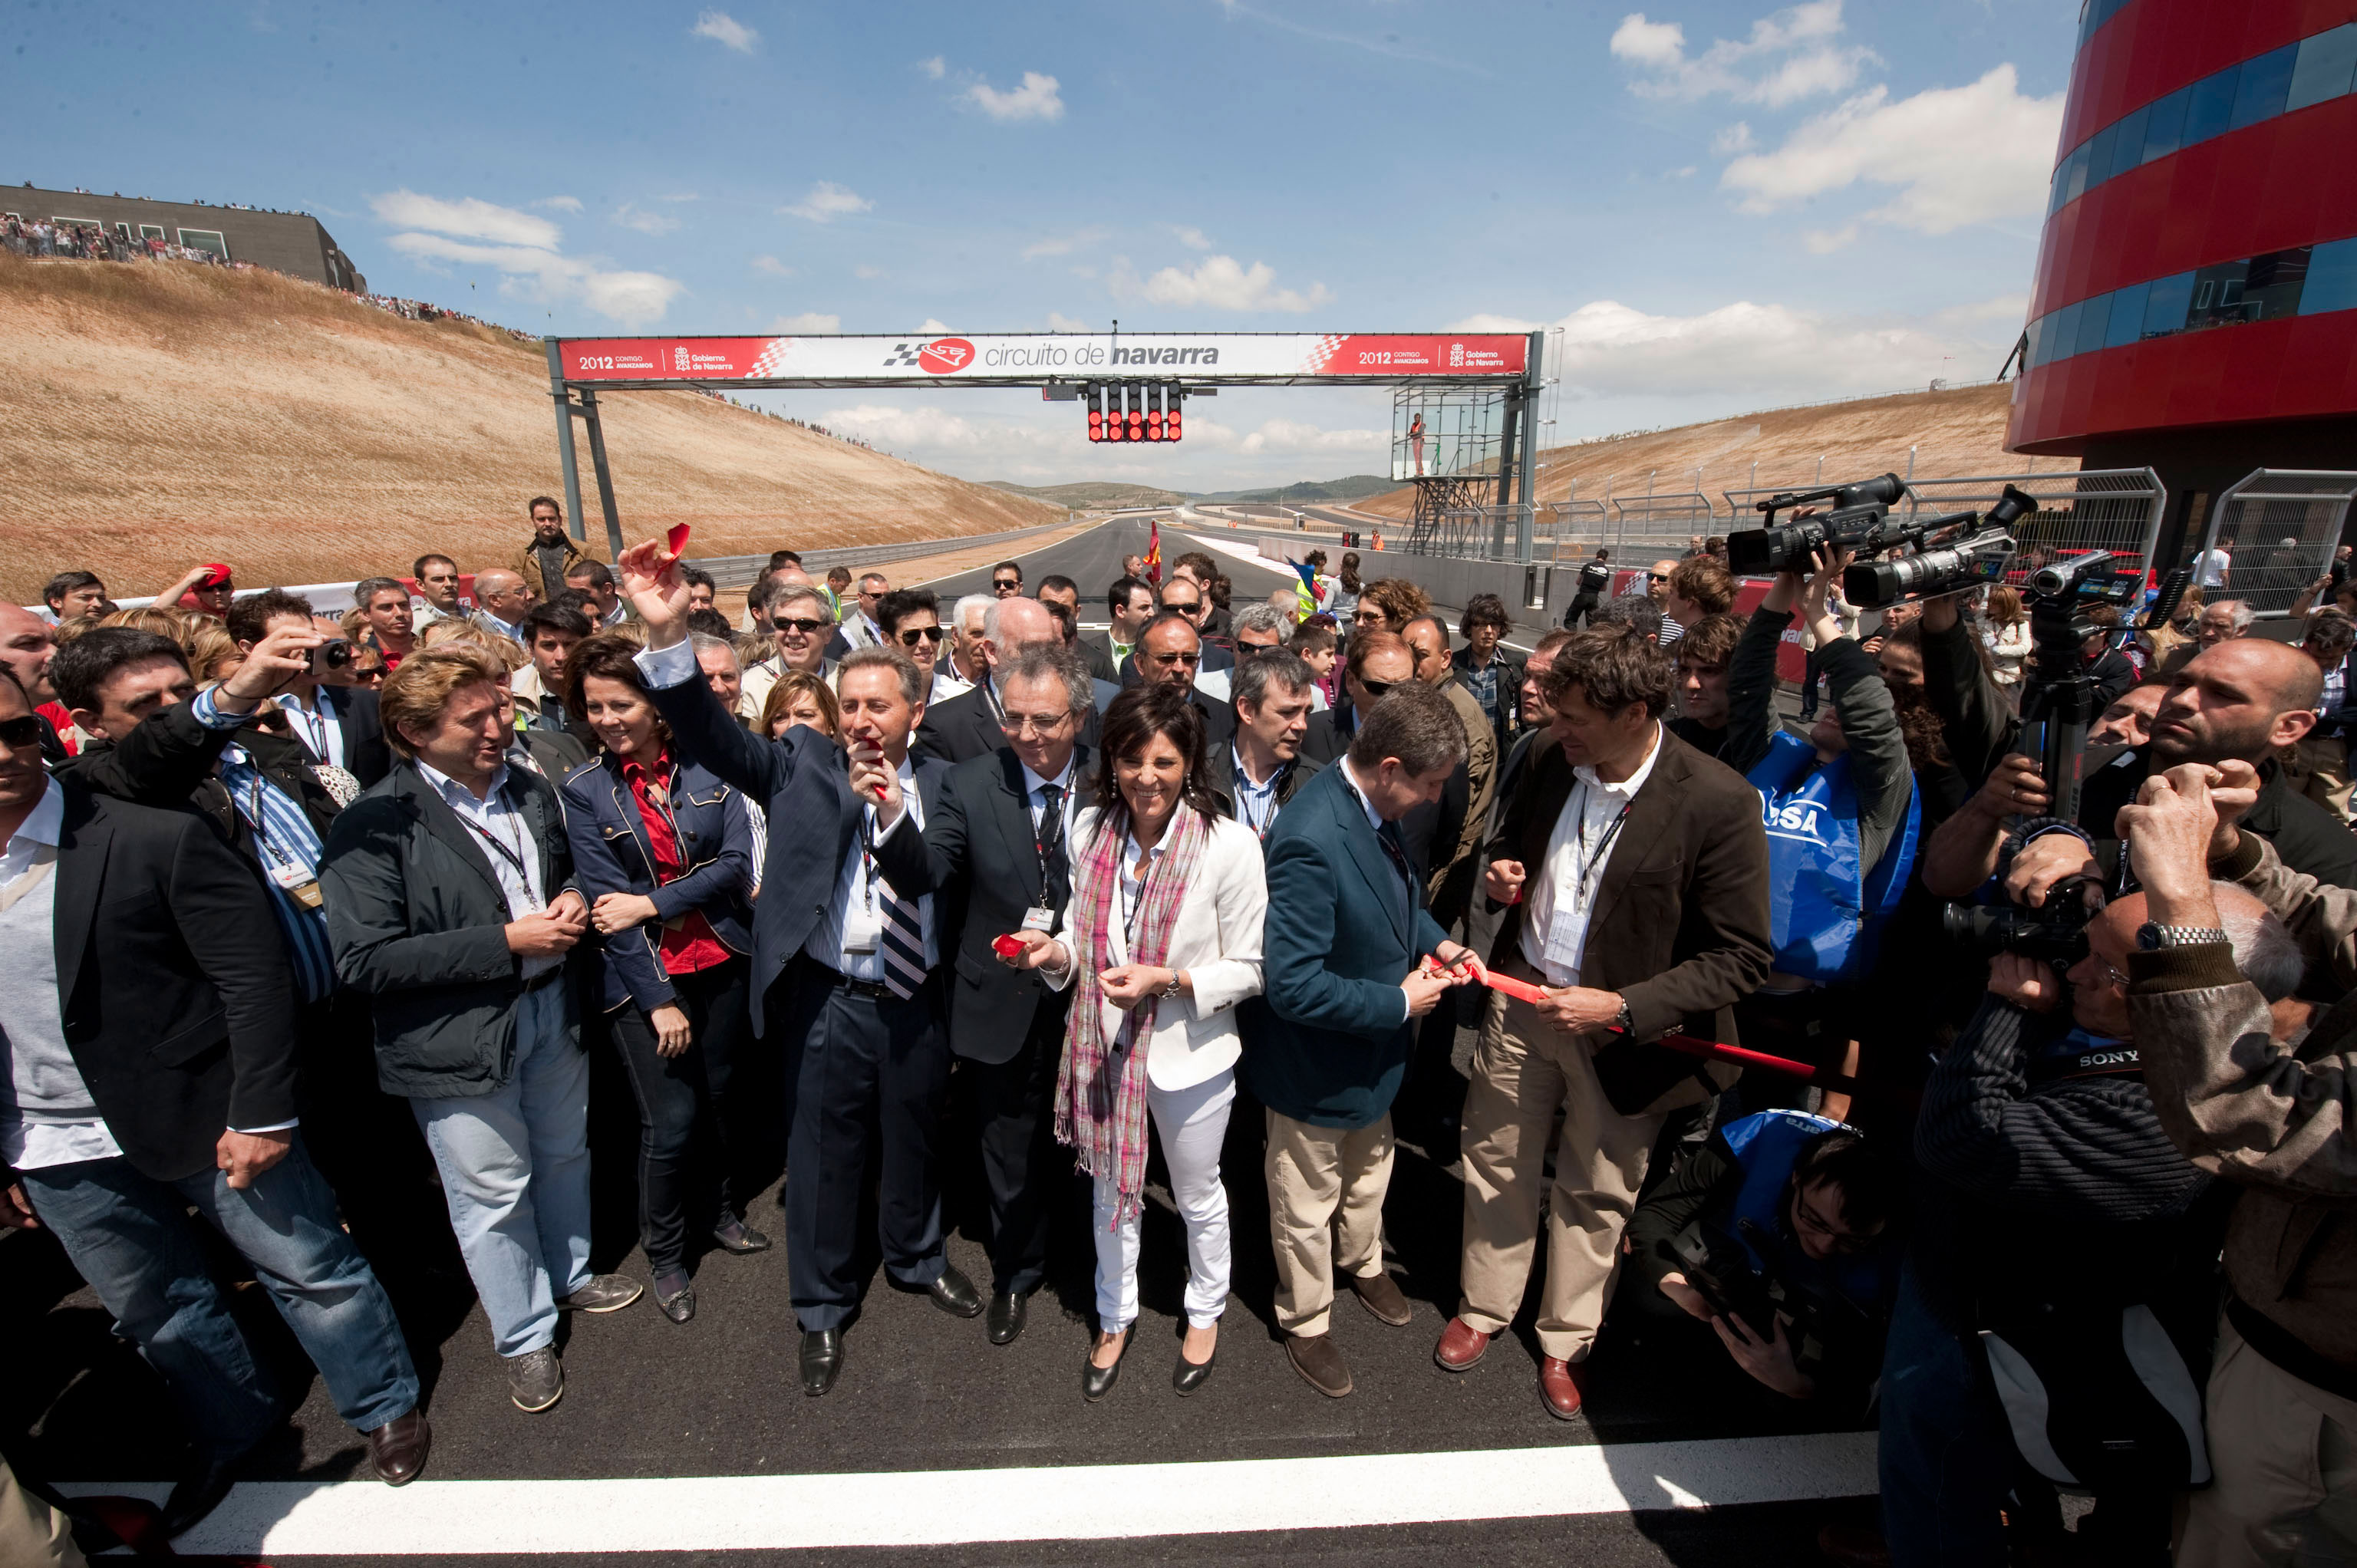 Circuito Los Arcos : El presidente sanz inaugura en los arcos el circuito de navarra